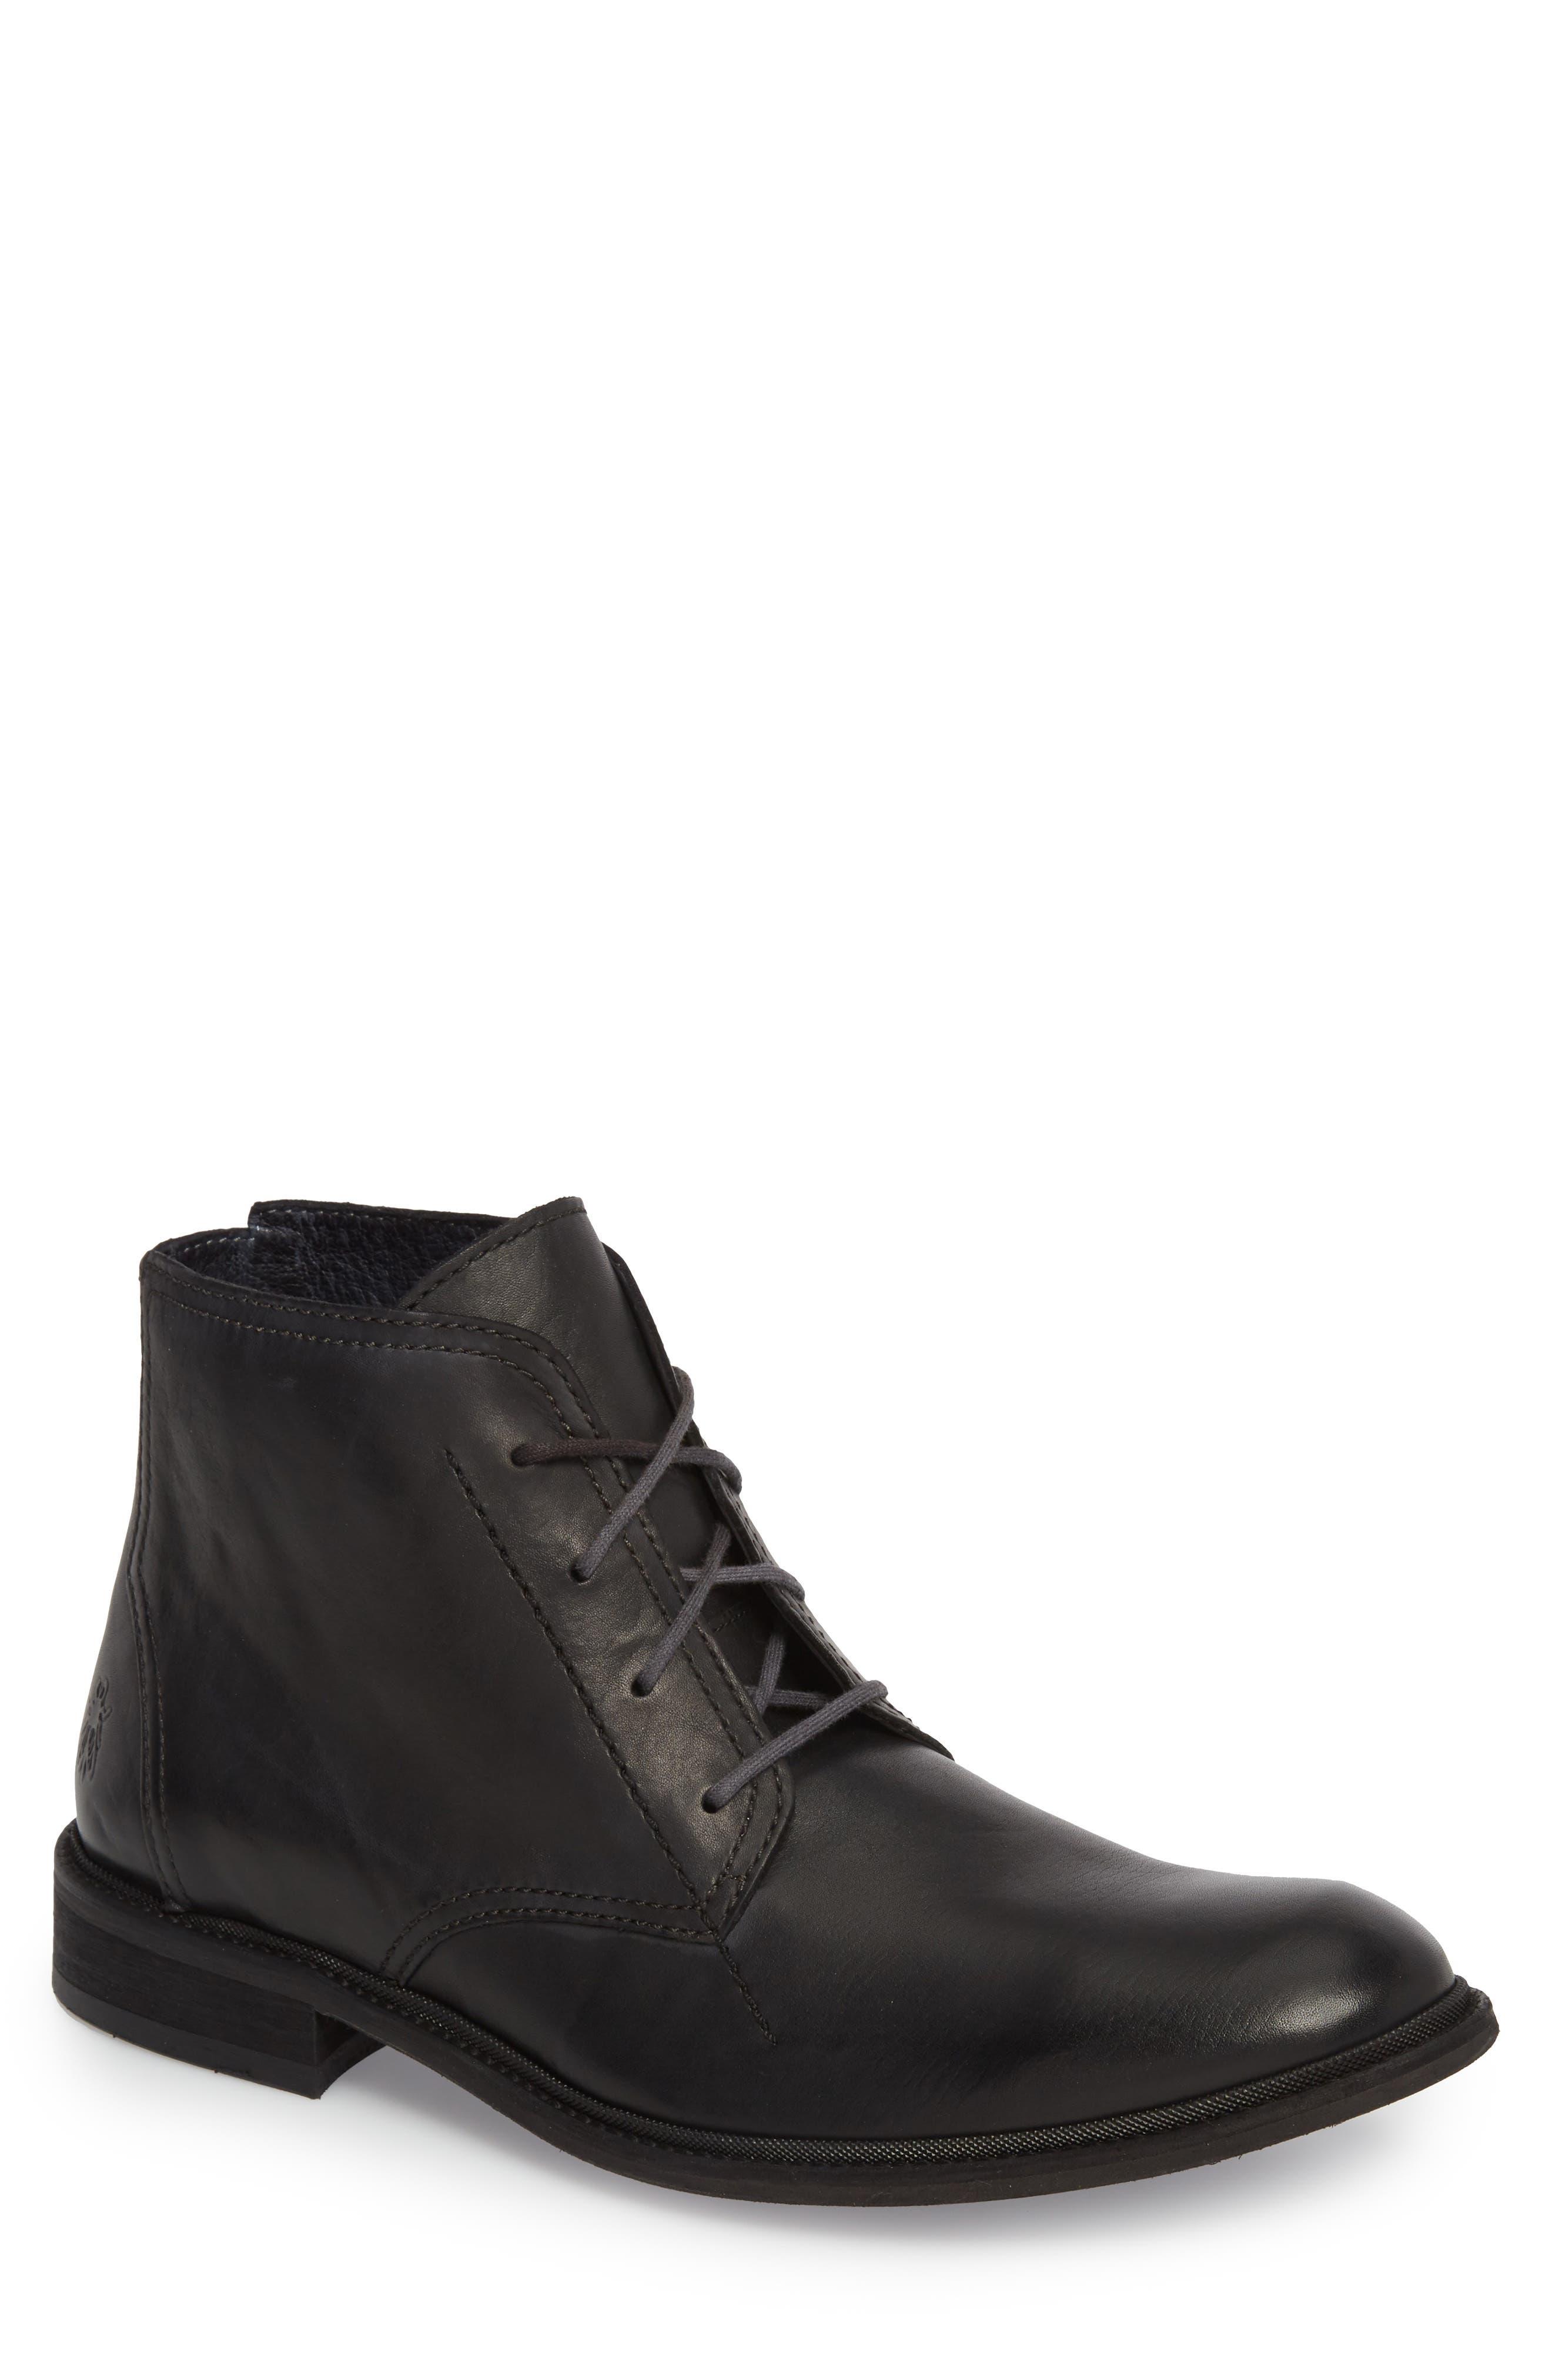 Hobi Plain Toe Chukka Boot,                             Main thumbnail 1, color,                             Black Leather